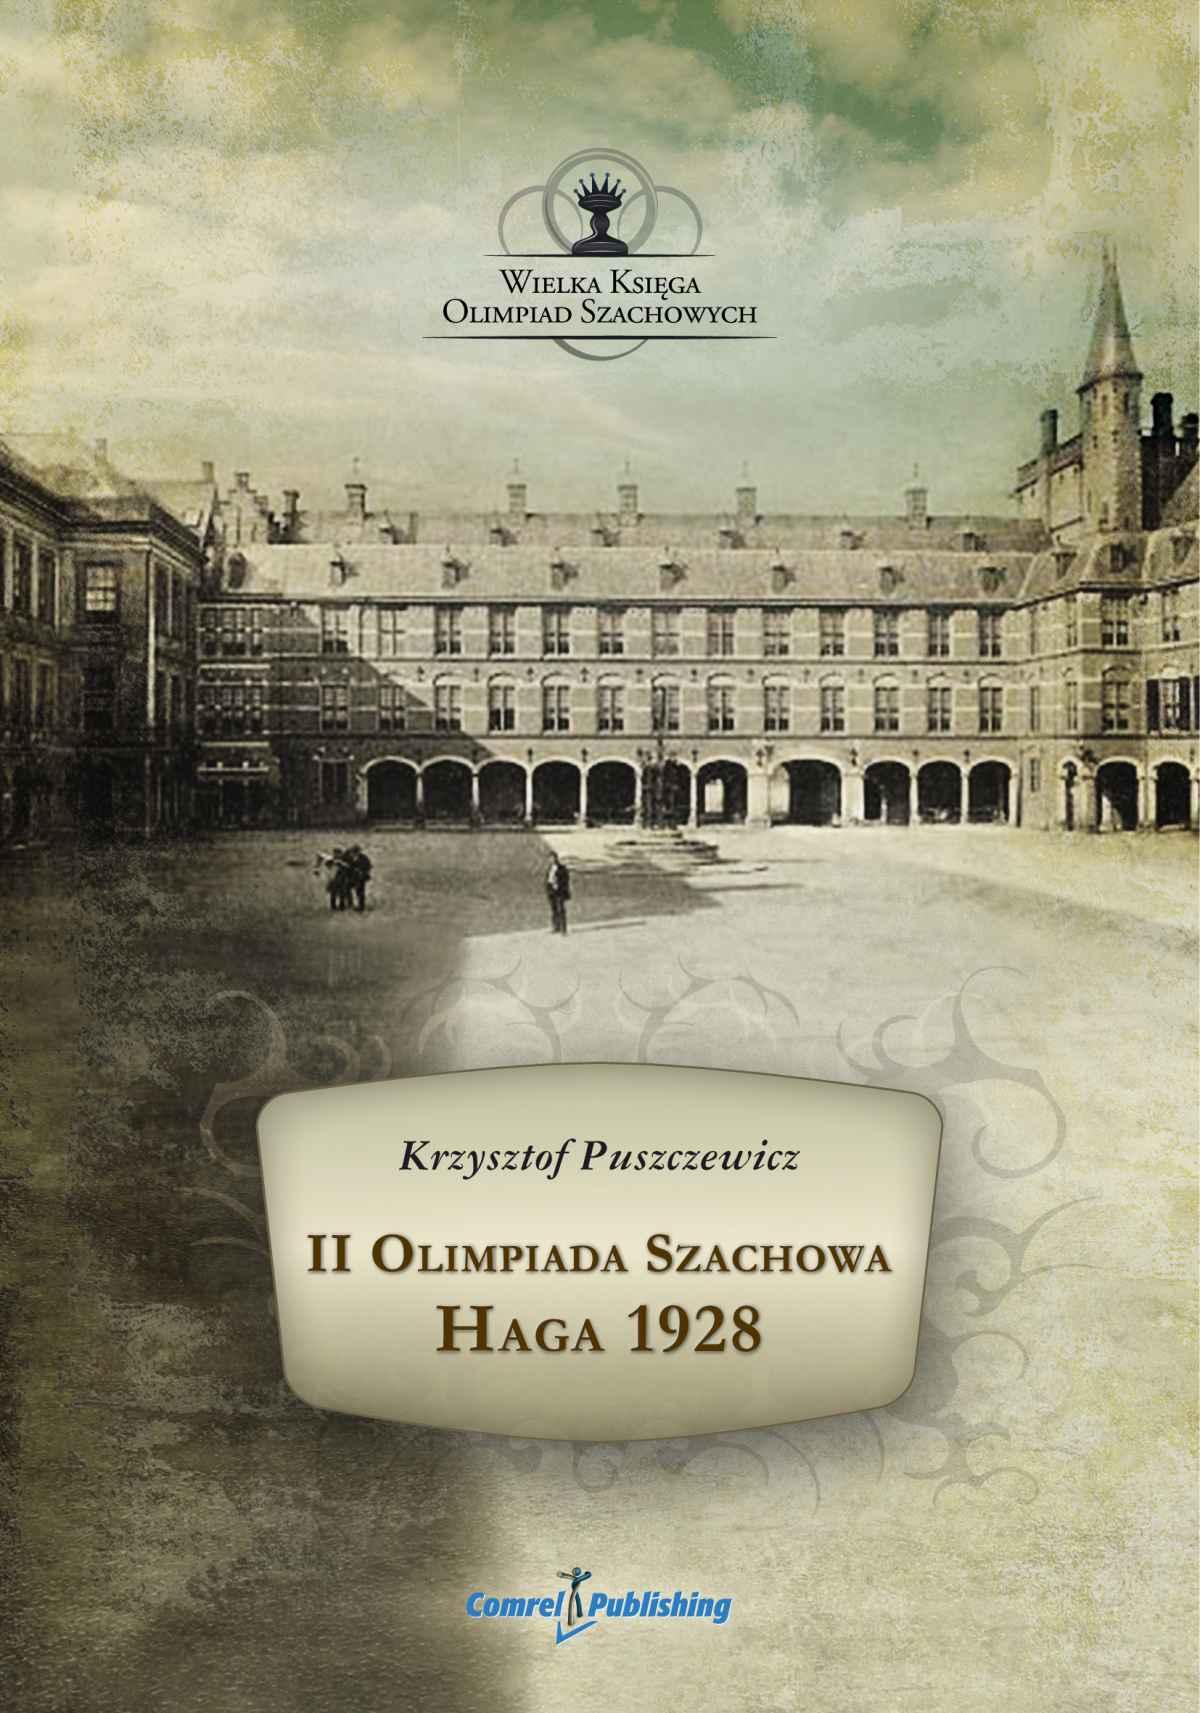 II Olimpiada Szachowa - Haga 1928 - Ebook (Książka na Kindle) do pobrania w formacie MOBI